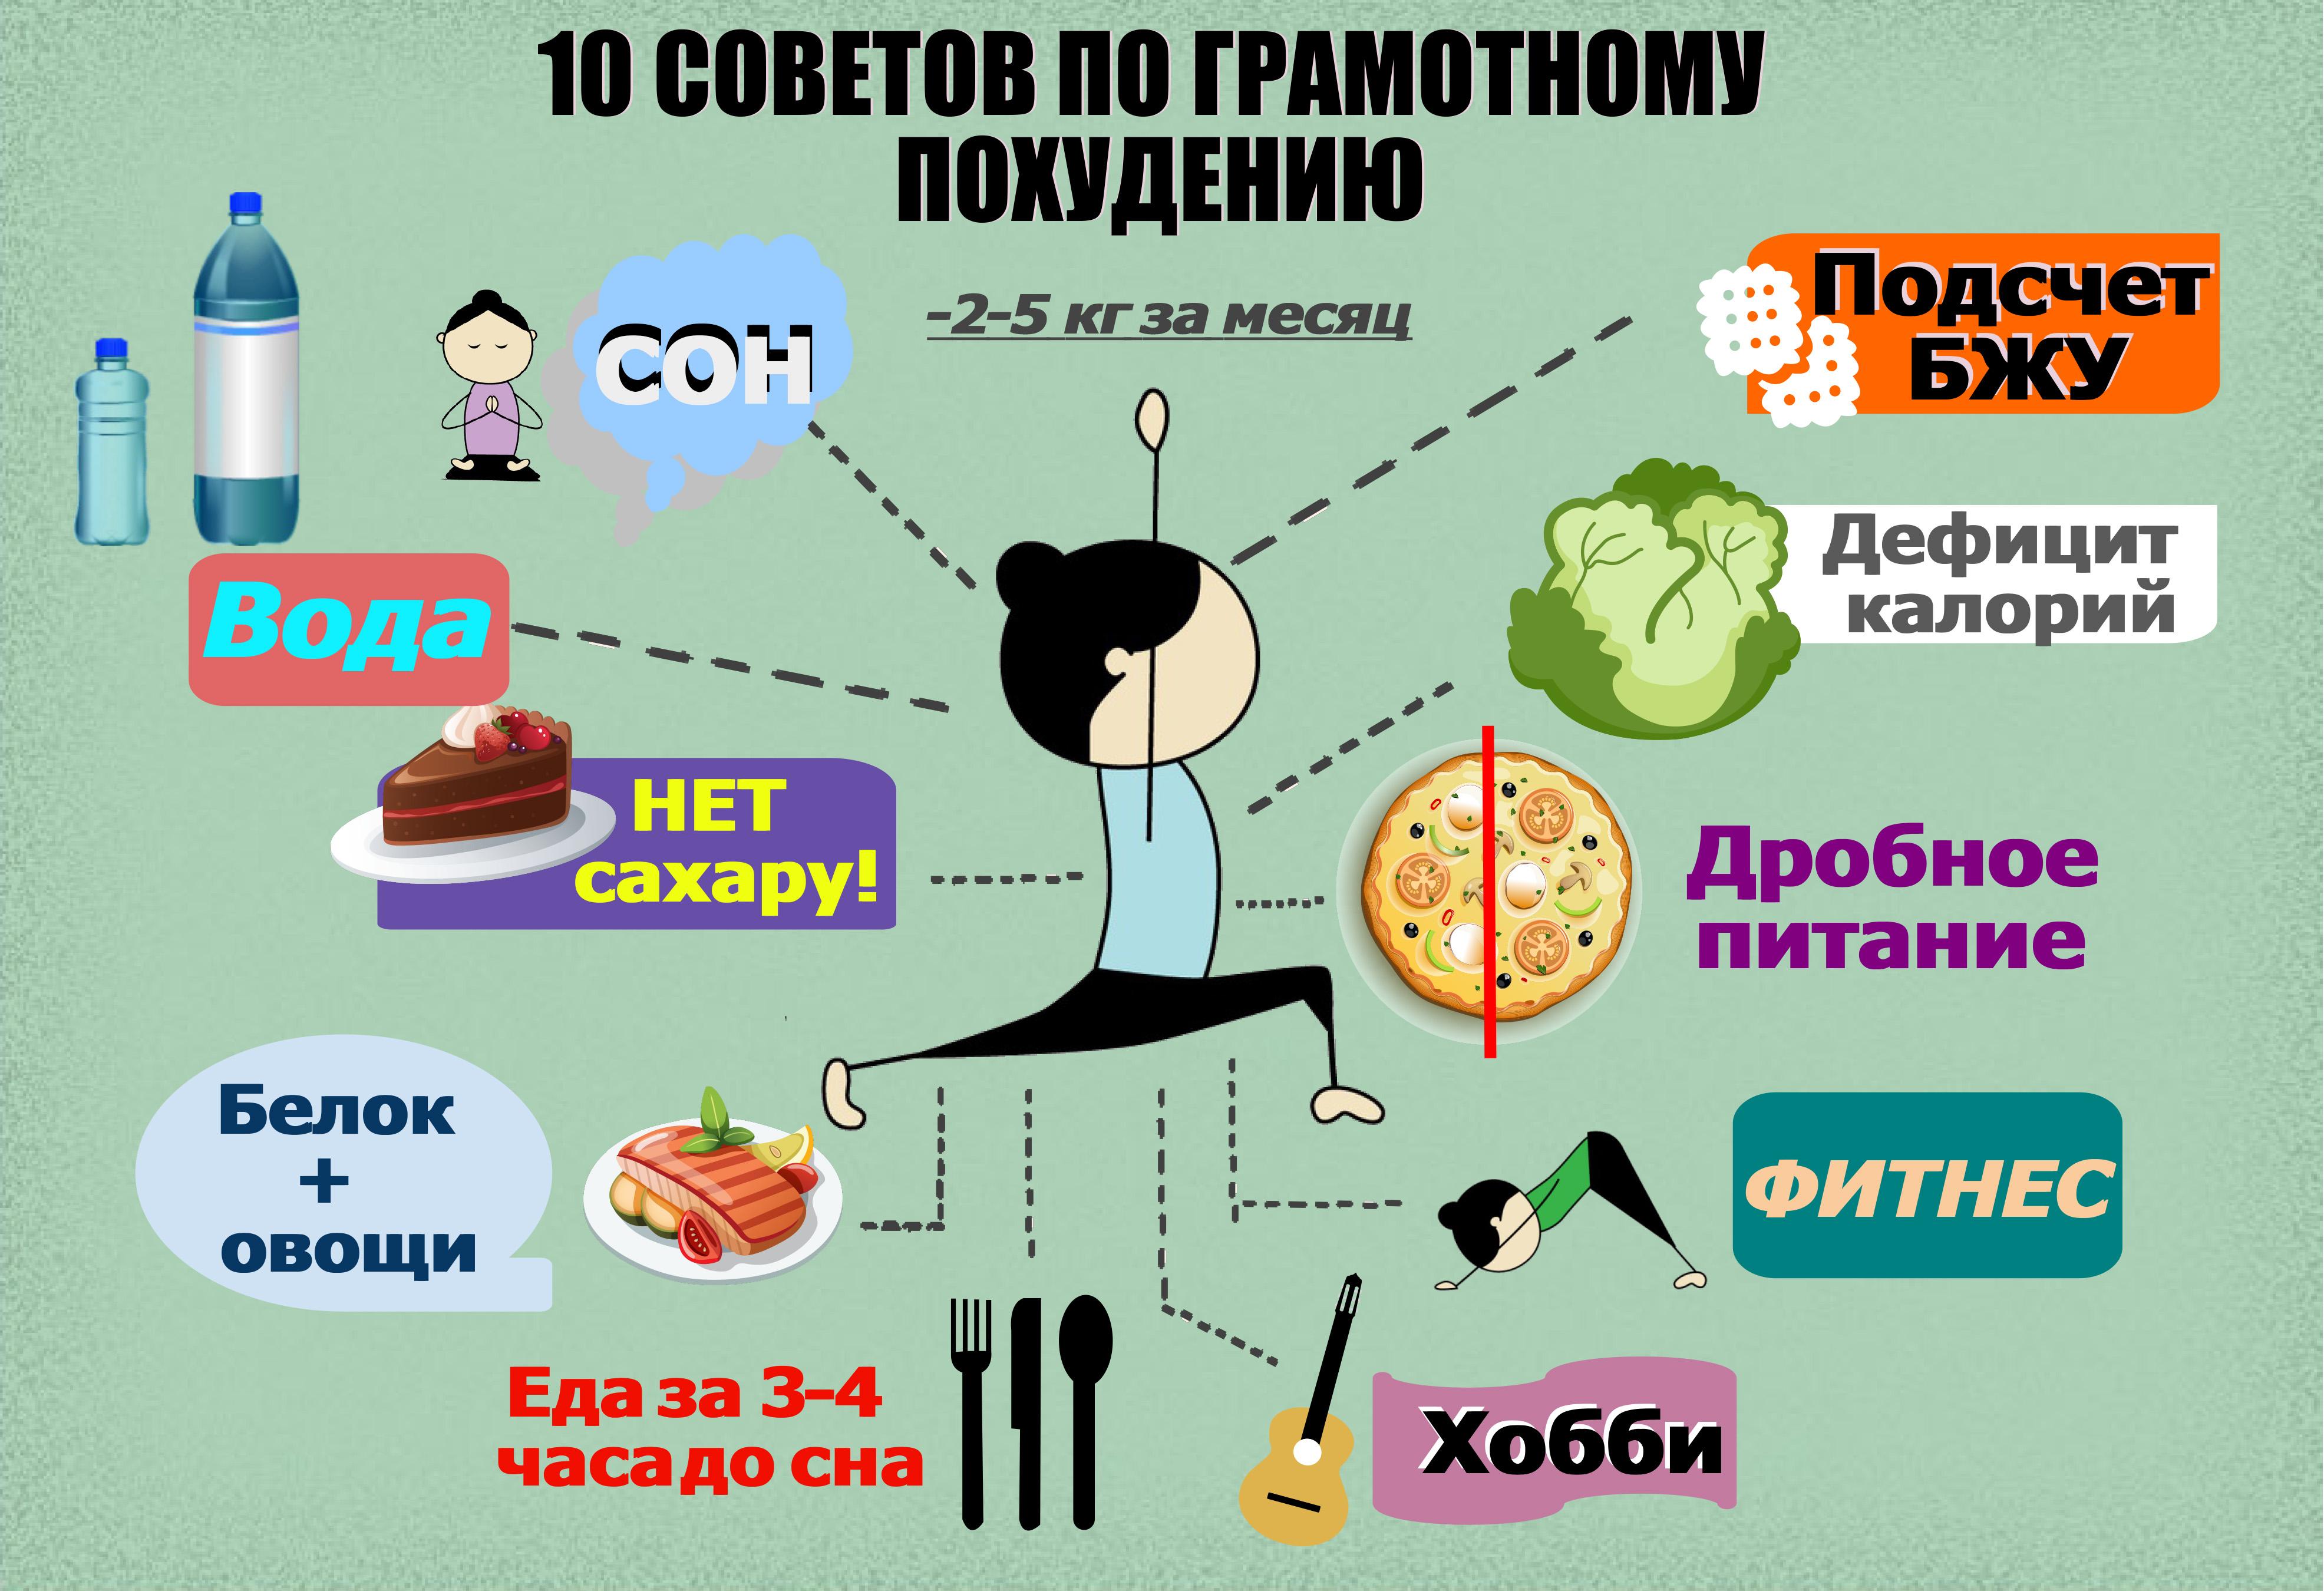 Как похудеть за неделю на 5 кг в домашних условиях без вреда? 7